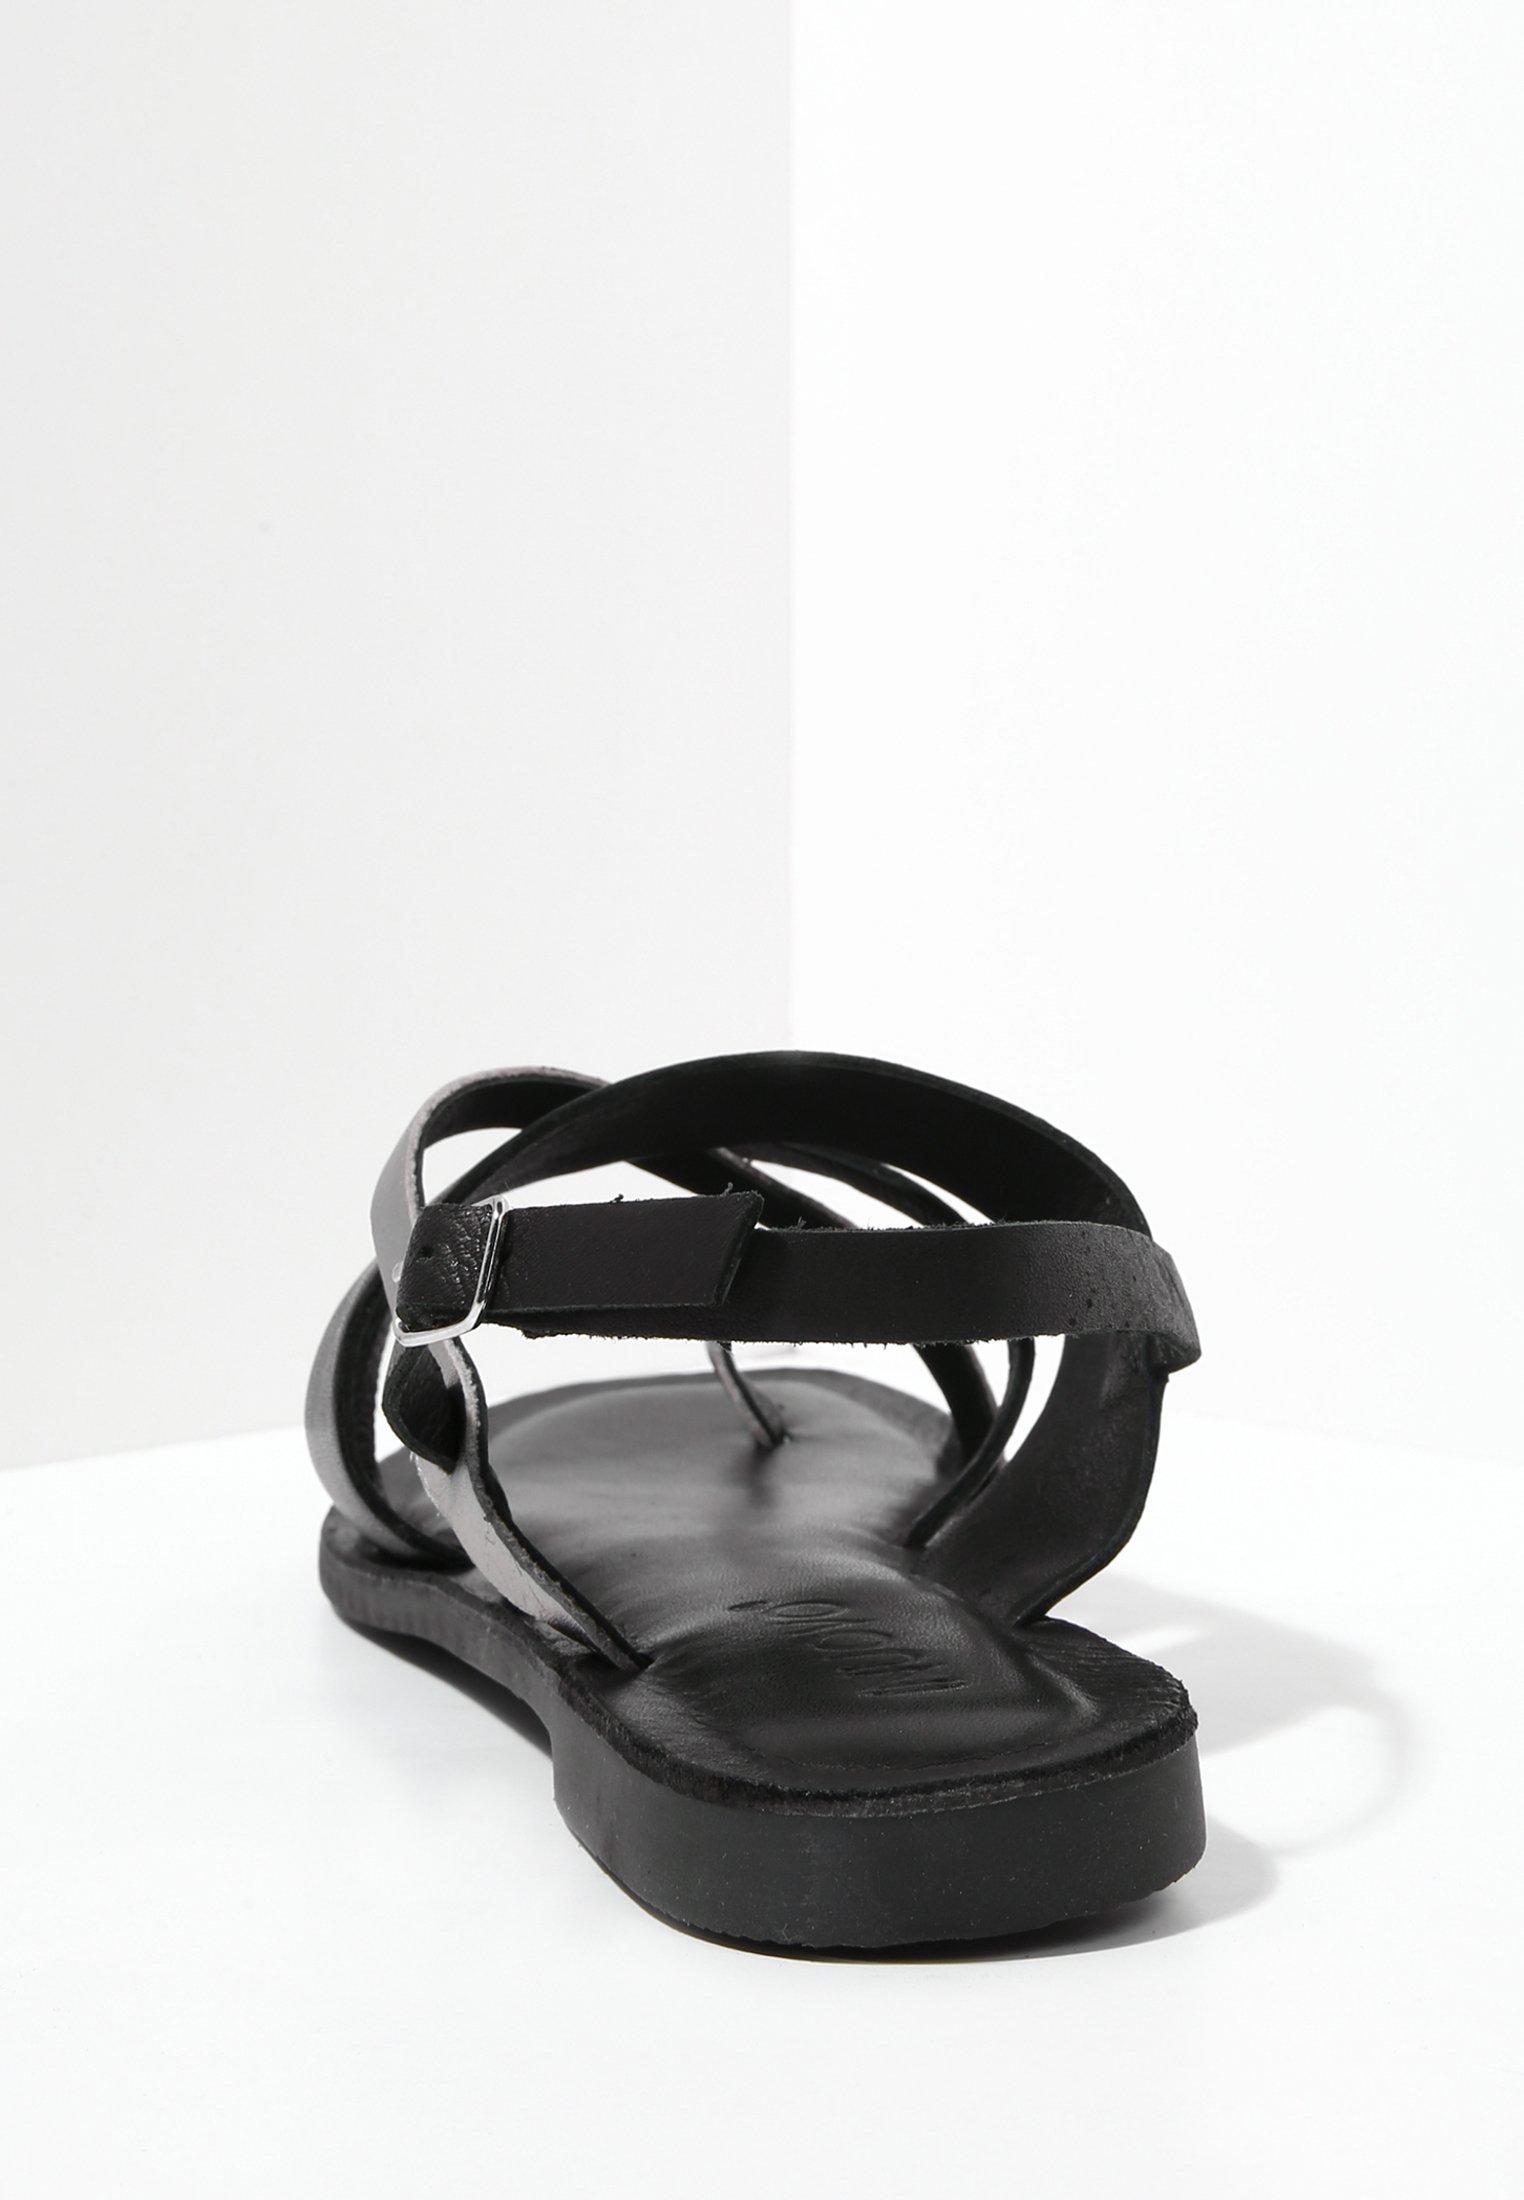 Inuovo Sandales - black blk - Sandales & Nu-pieds femme Original